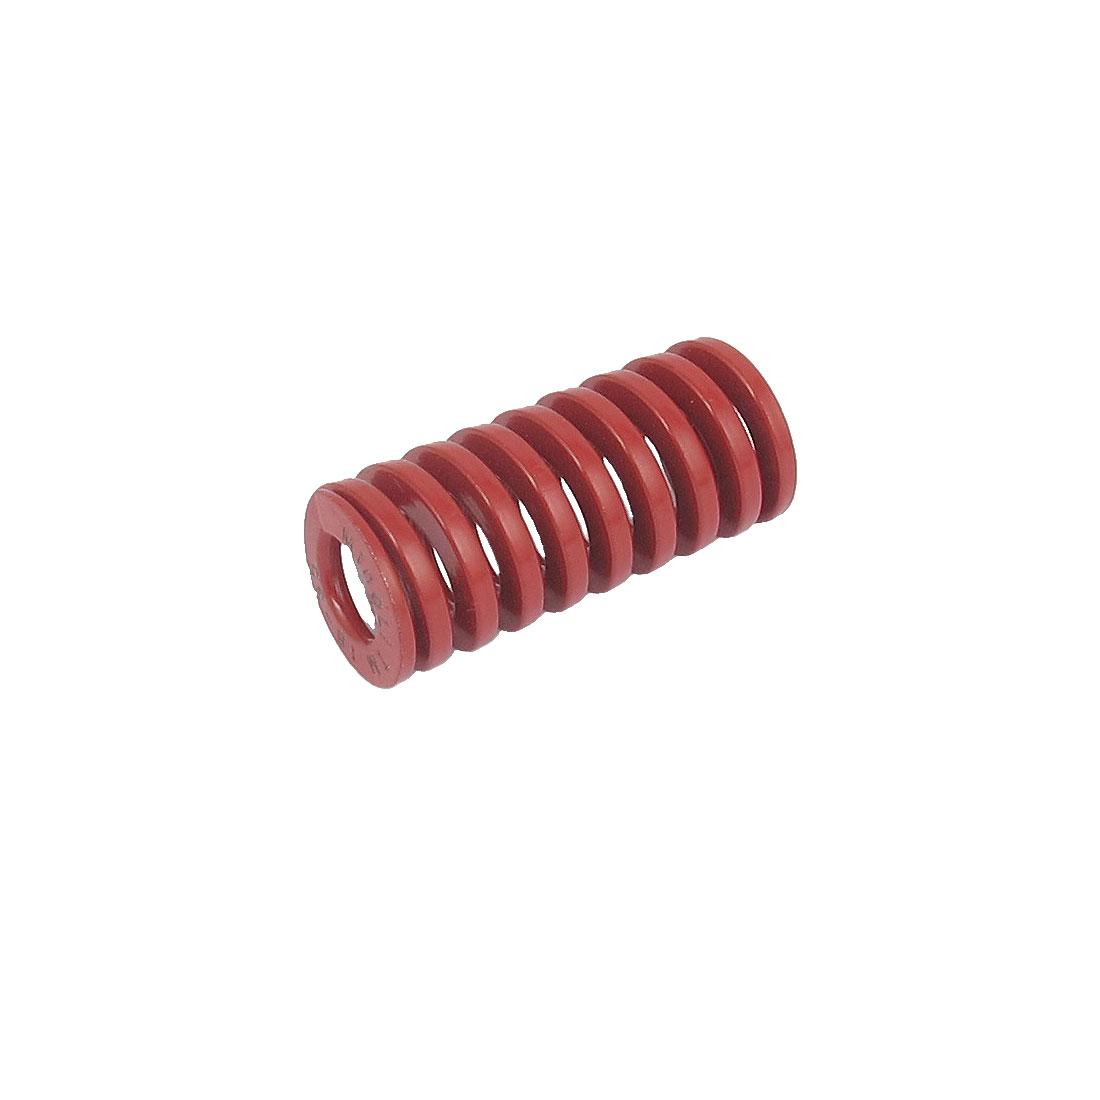 16mmx35mm Chromium Alloy Steel Medium Load Die Spring Red